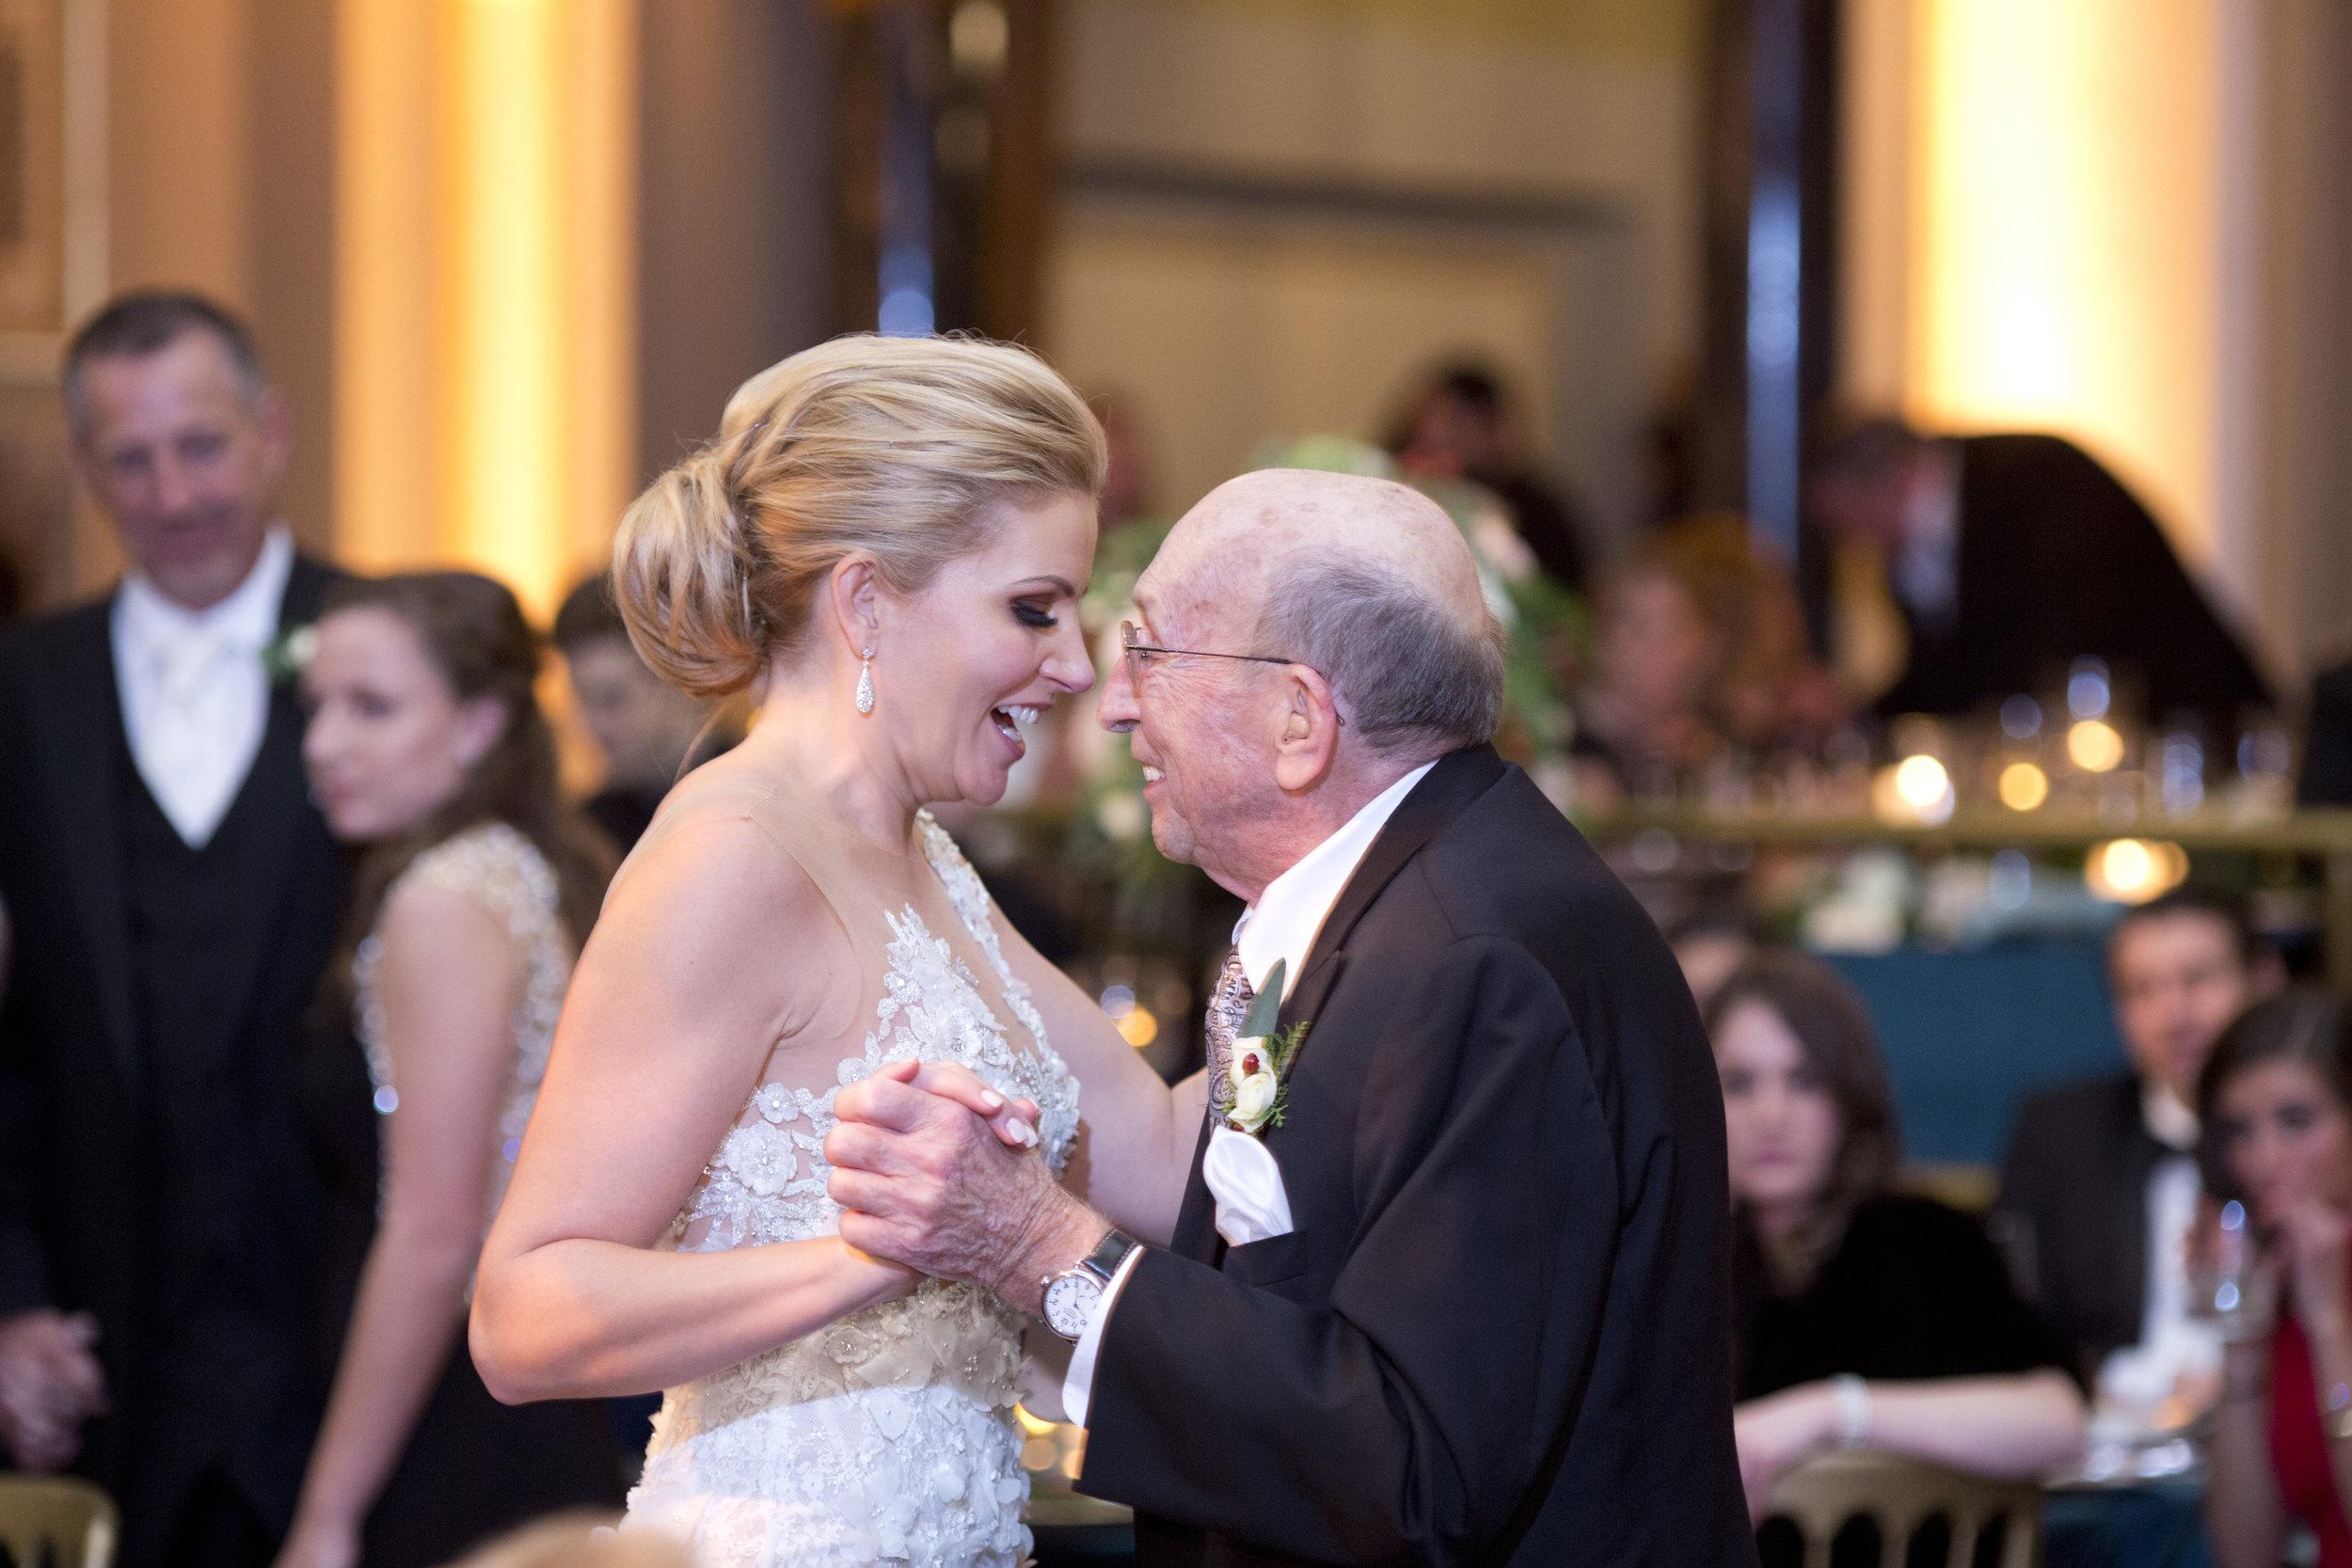 Chicago Wedding-Clover Events-Chicago Wedding Planner-Viceroy Hotel-Murphy Auditorium-Chicago Wedding Coordinator